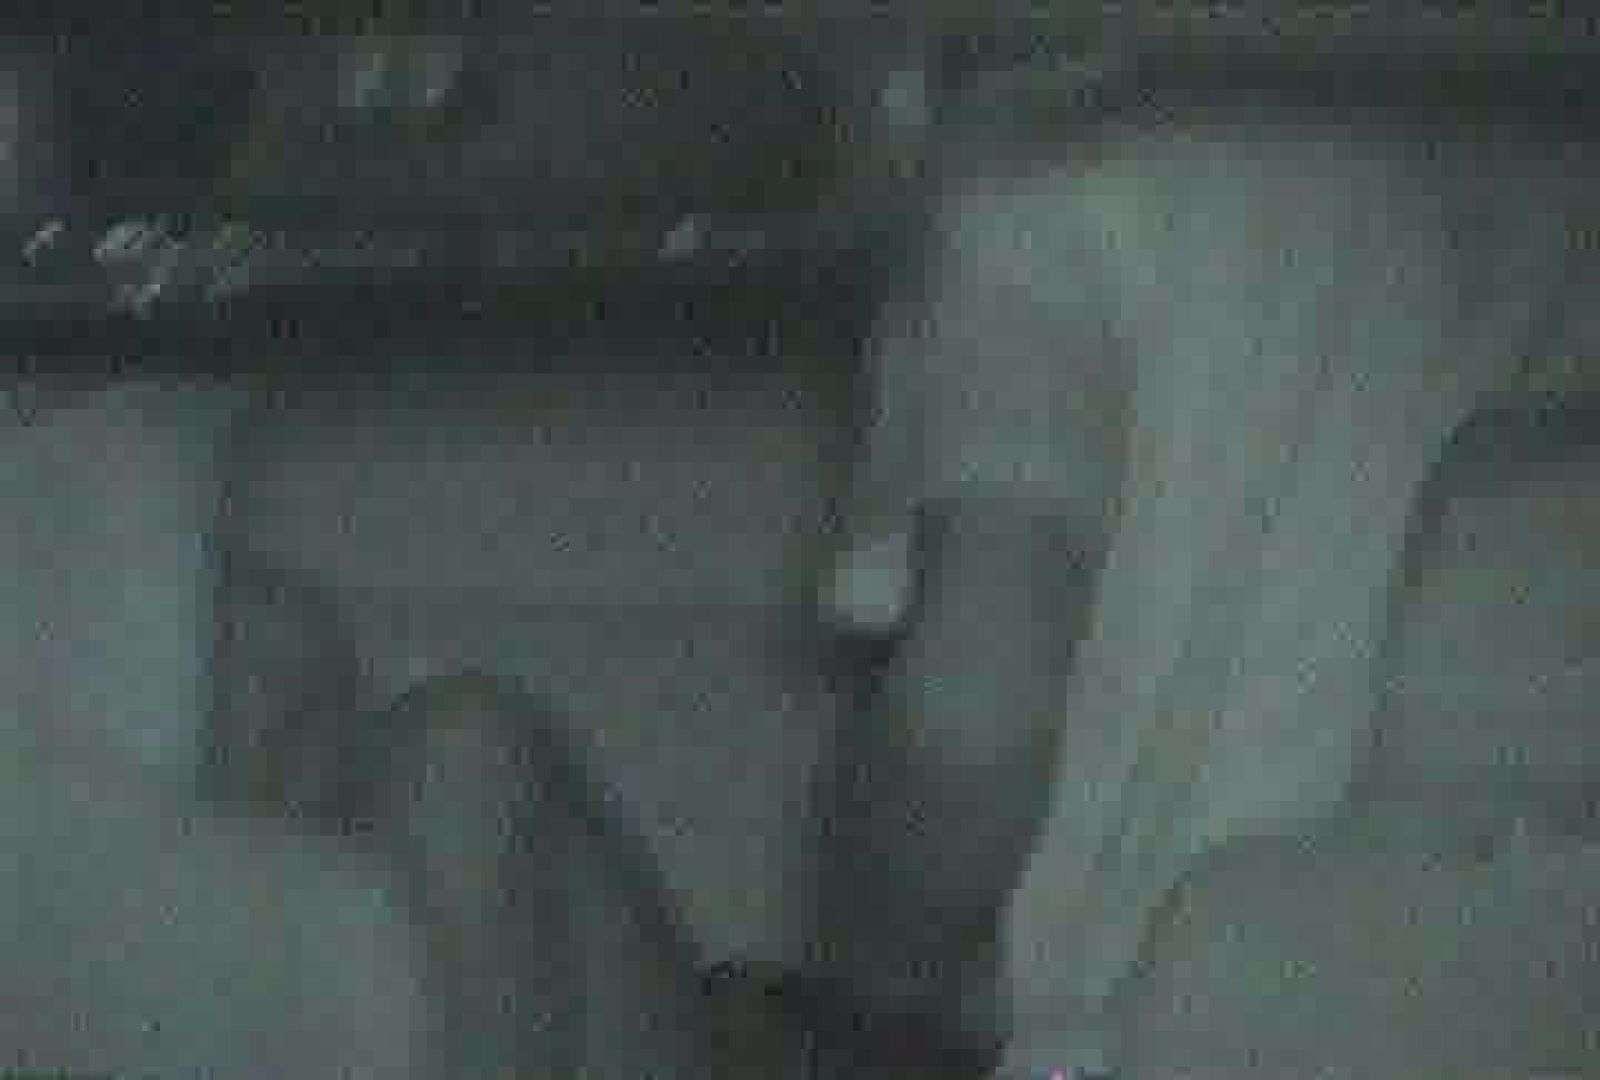 充血監督の深夜の運動会Vol.87 マンコ・ムレムレ | 美しいOLの裸体  83pic 5